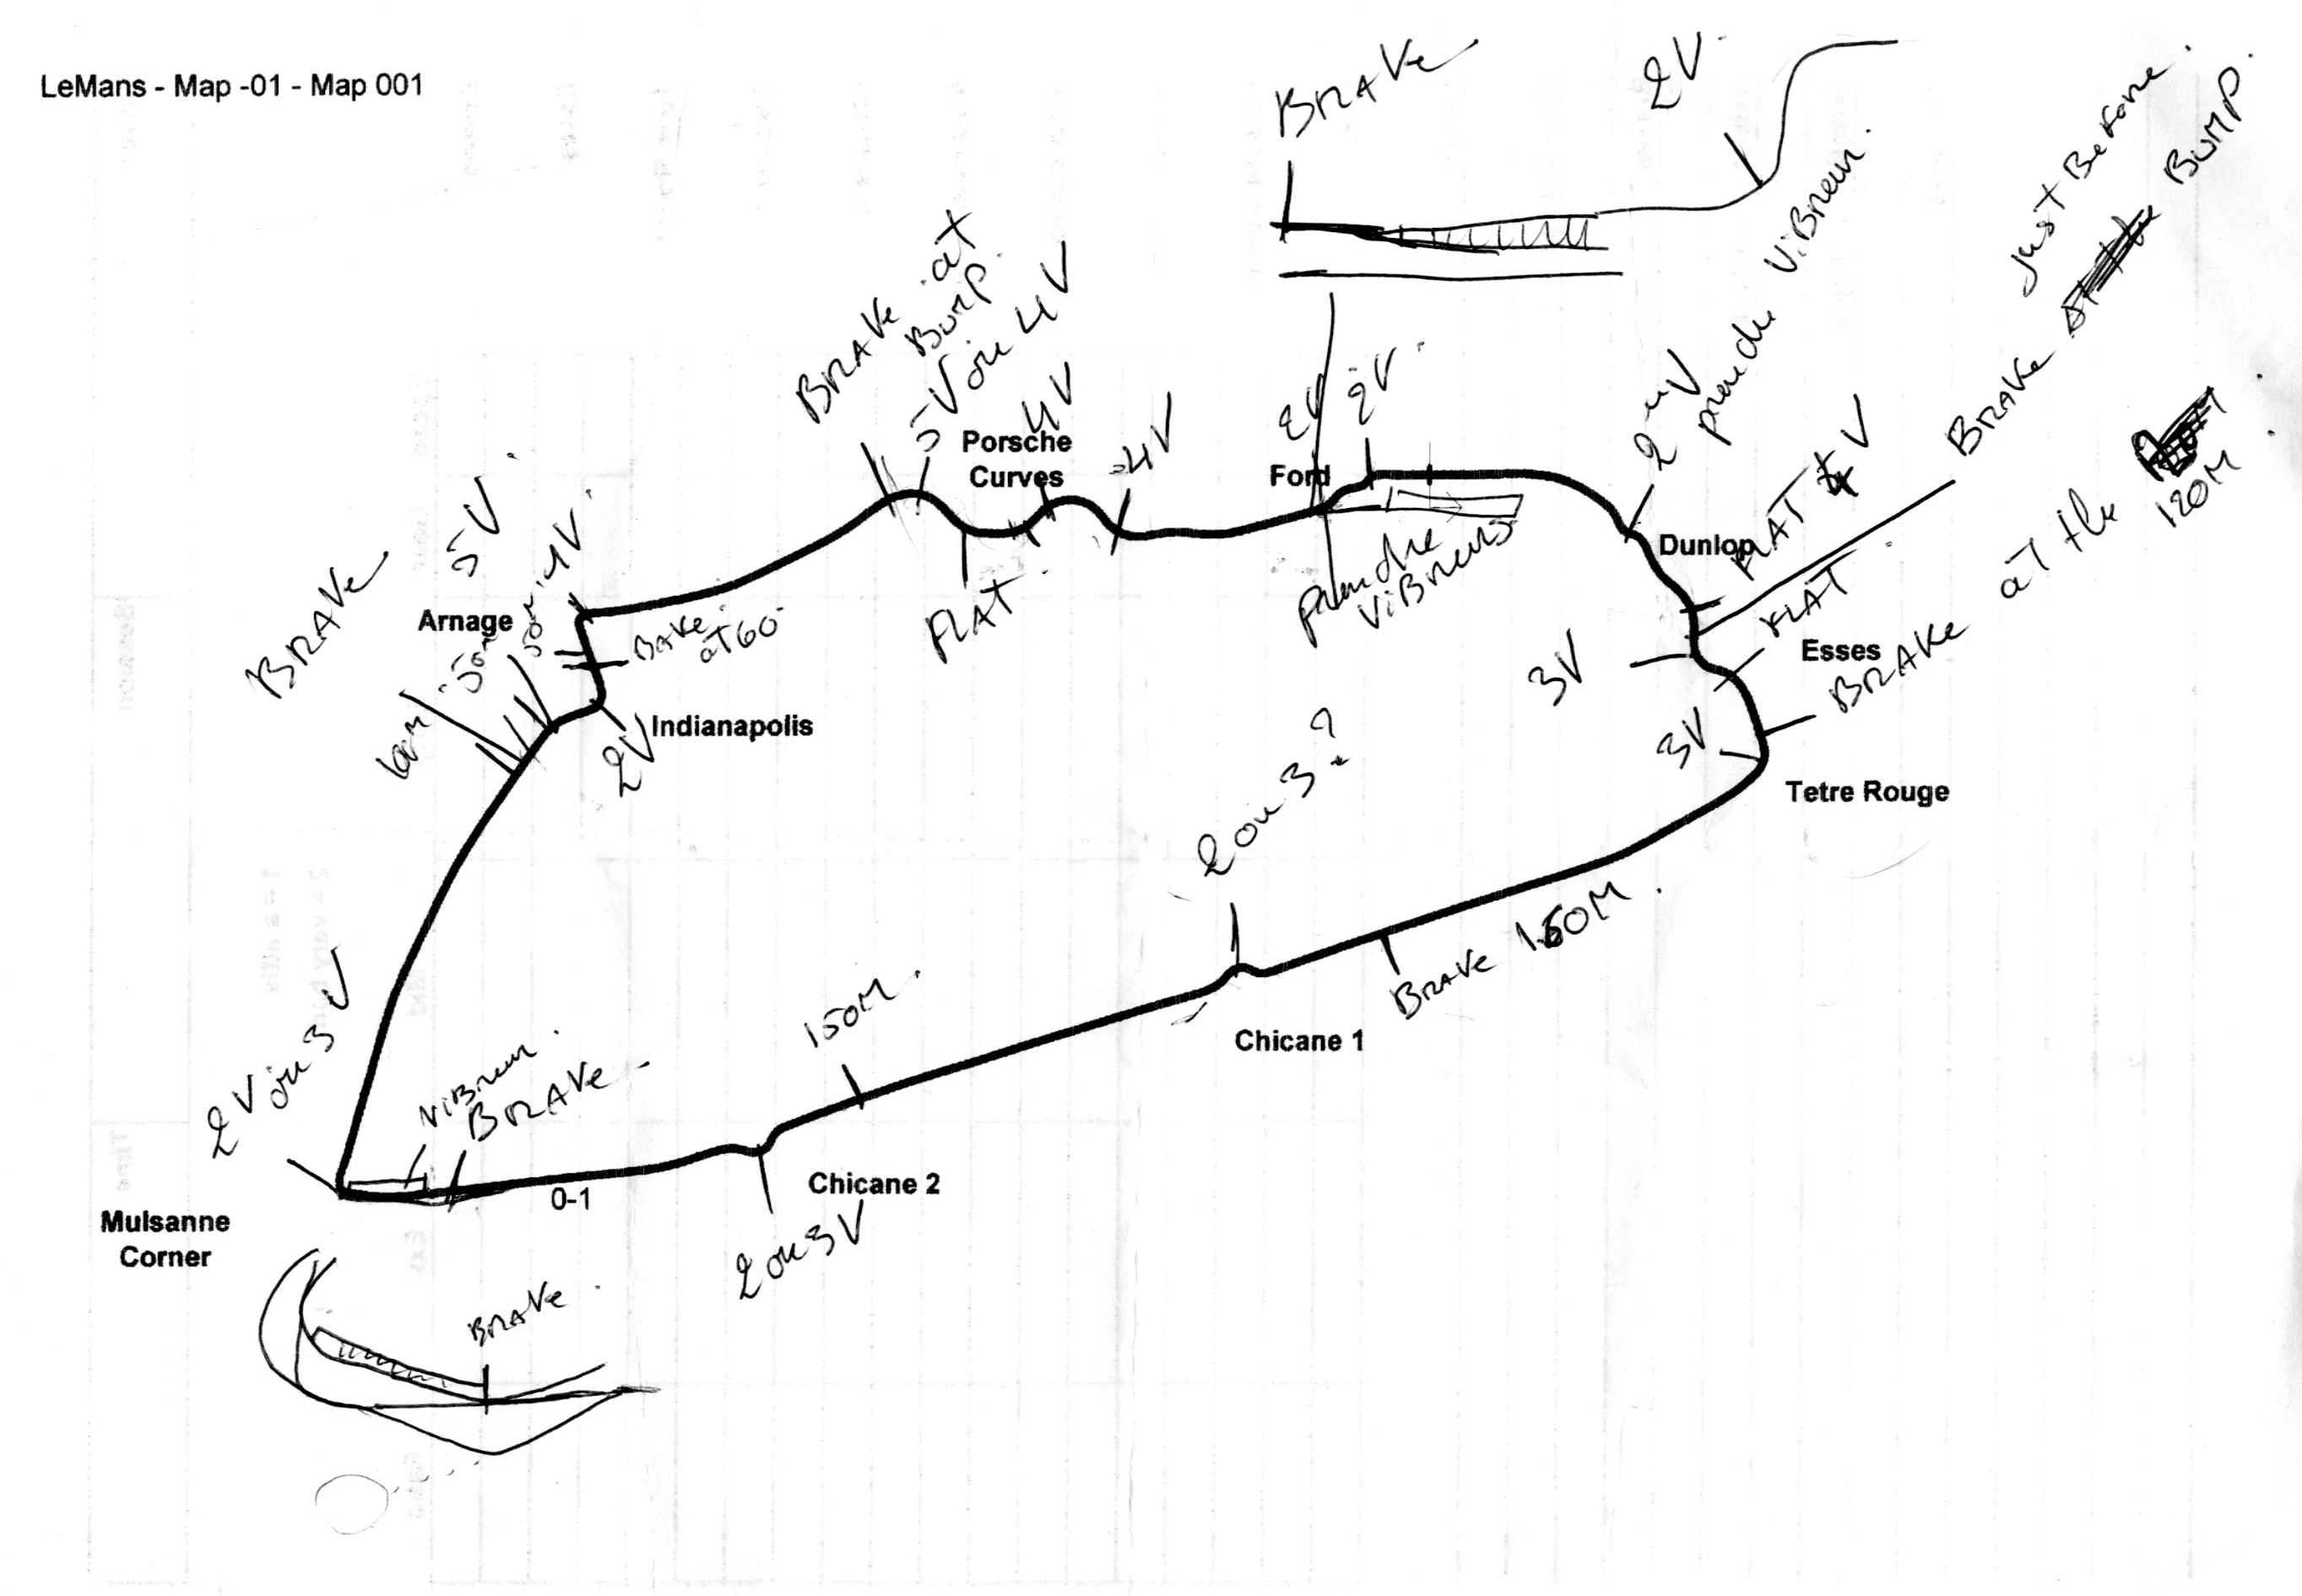 piantina con modifiche a 'mano' del circuito di Le Mans